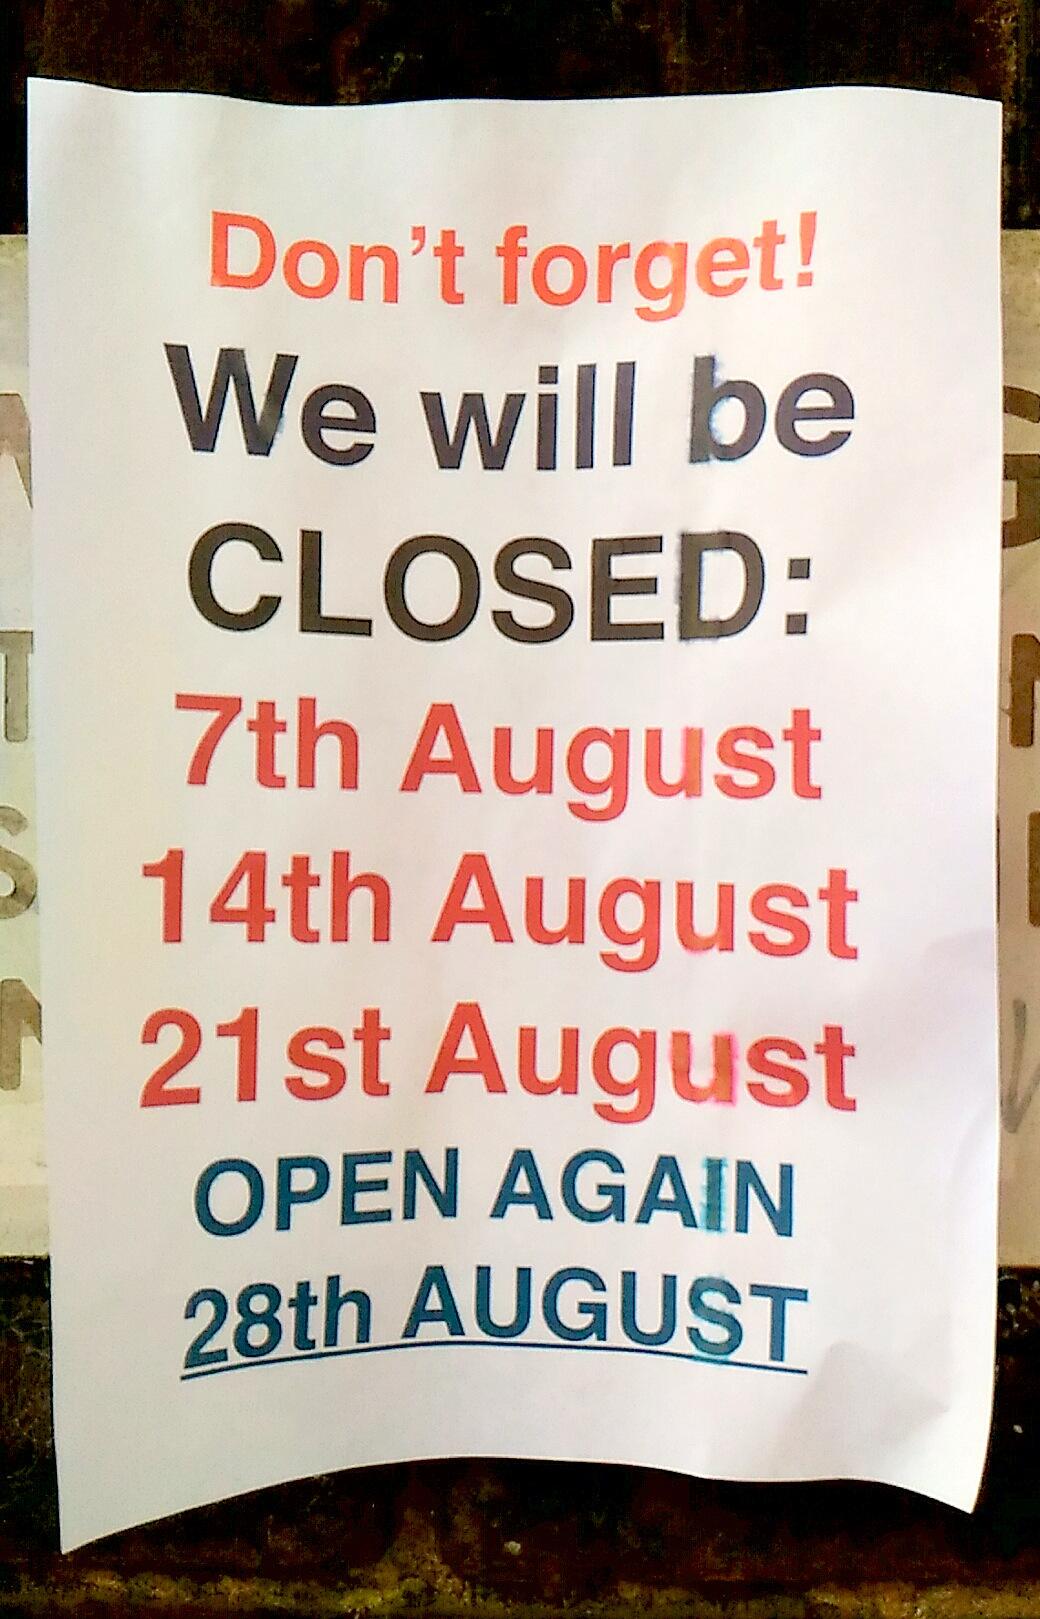 Battersea のカーブーツに行く予定の方はご注意を!今月はスケジュールが変わっています。